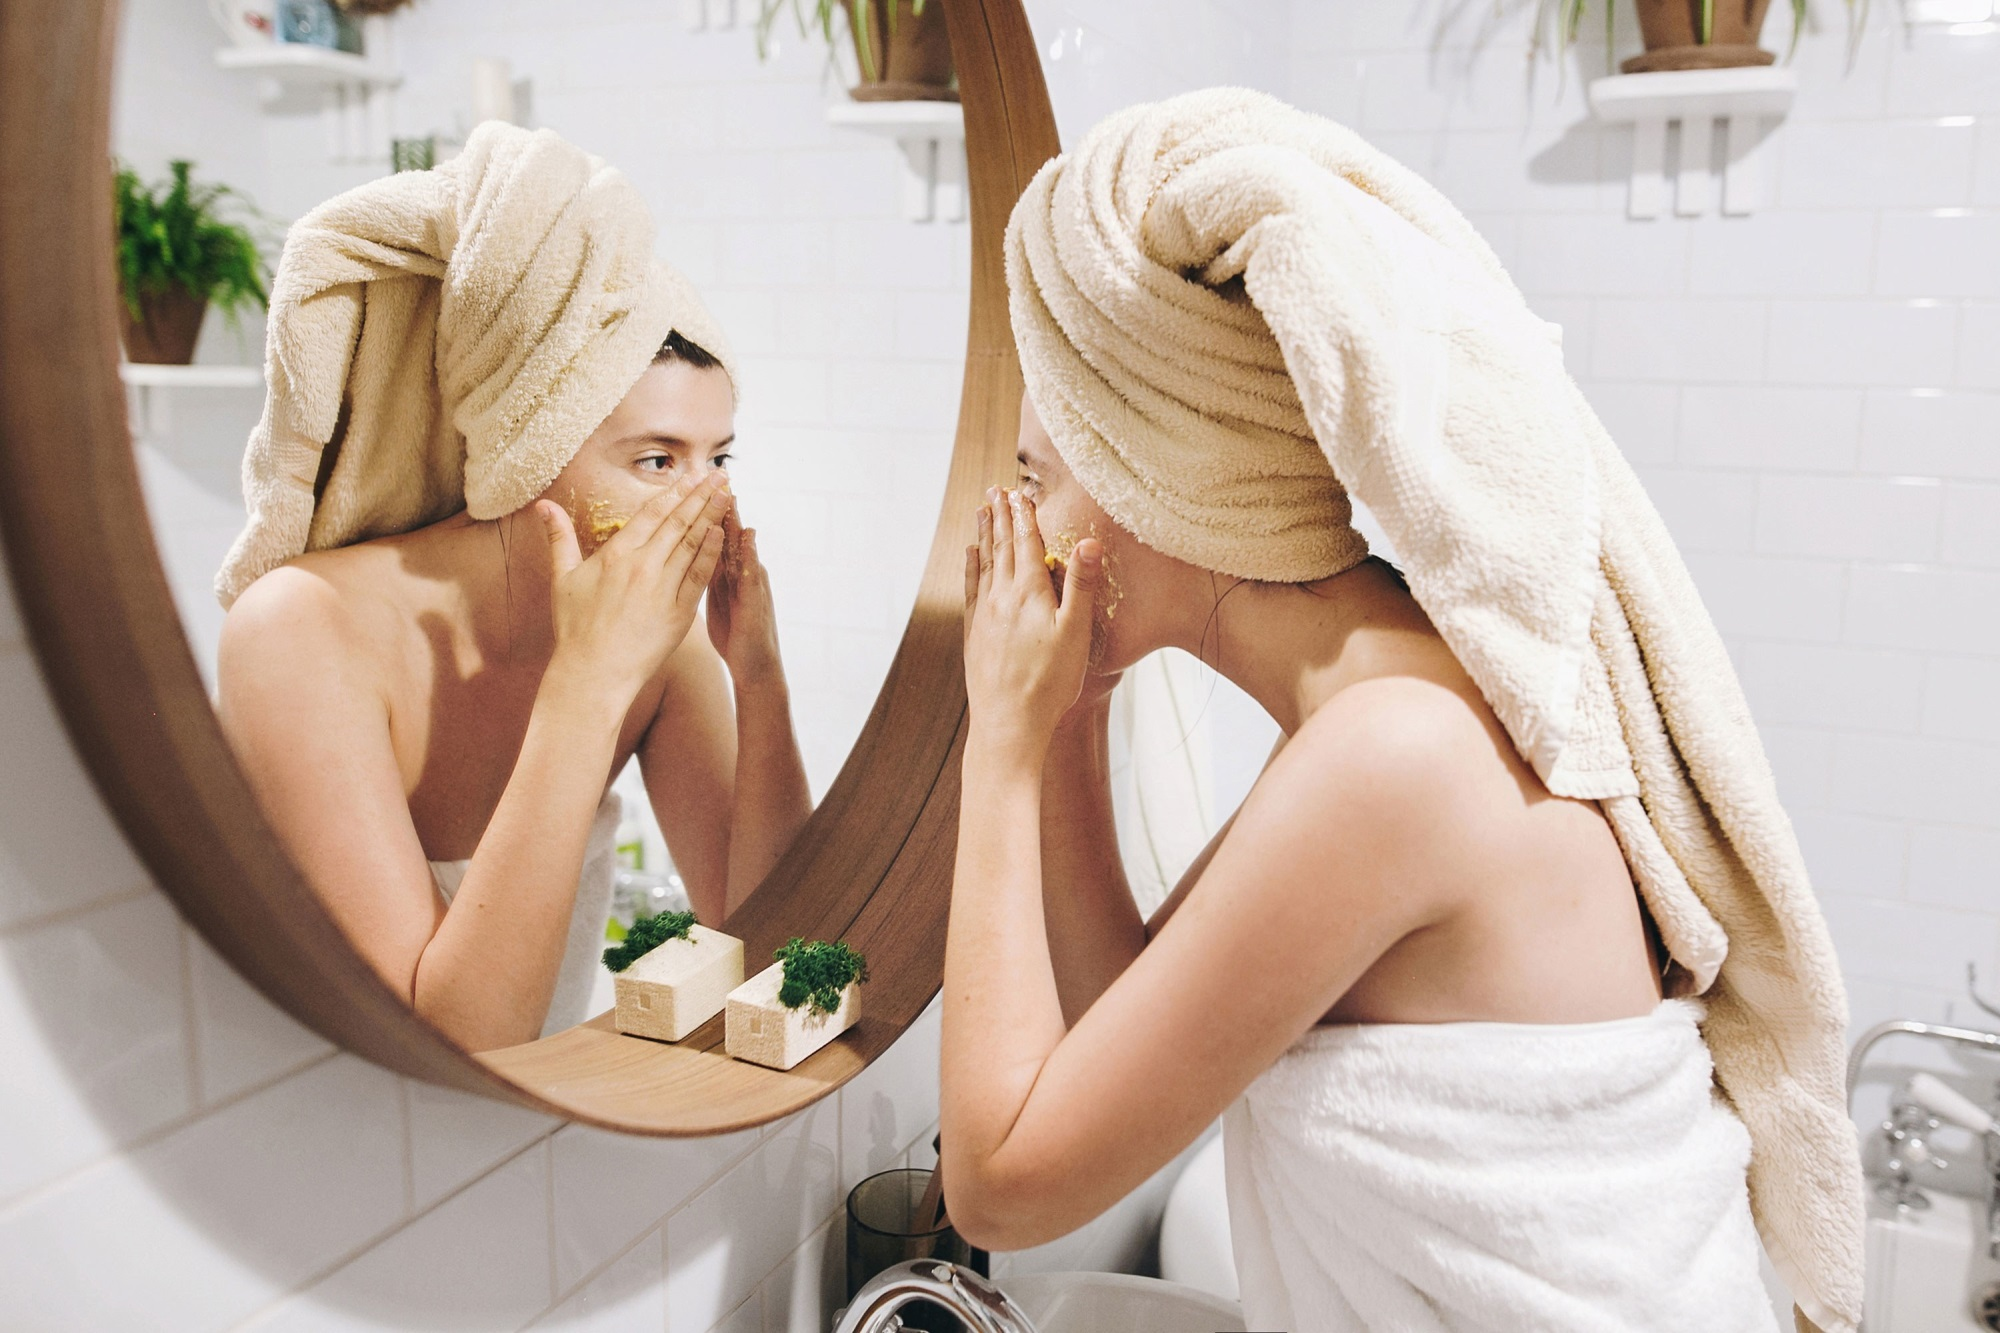 Nguyên tắc chọn mỹ phẩm chăm sóc da cho da nhạy cảm, dễ kích ứng - Ảnh 4